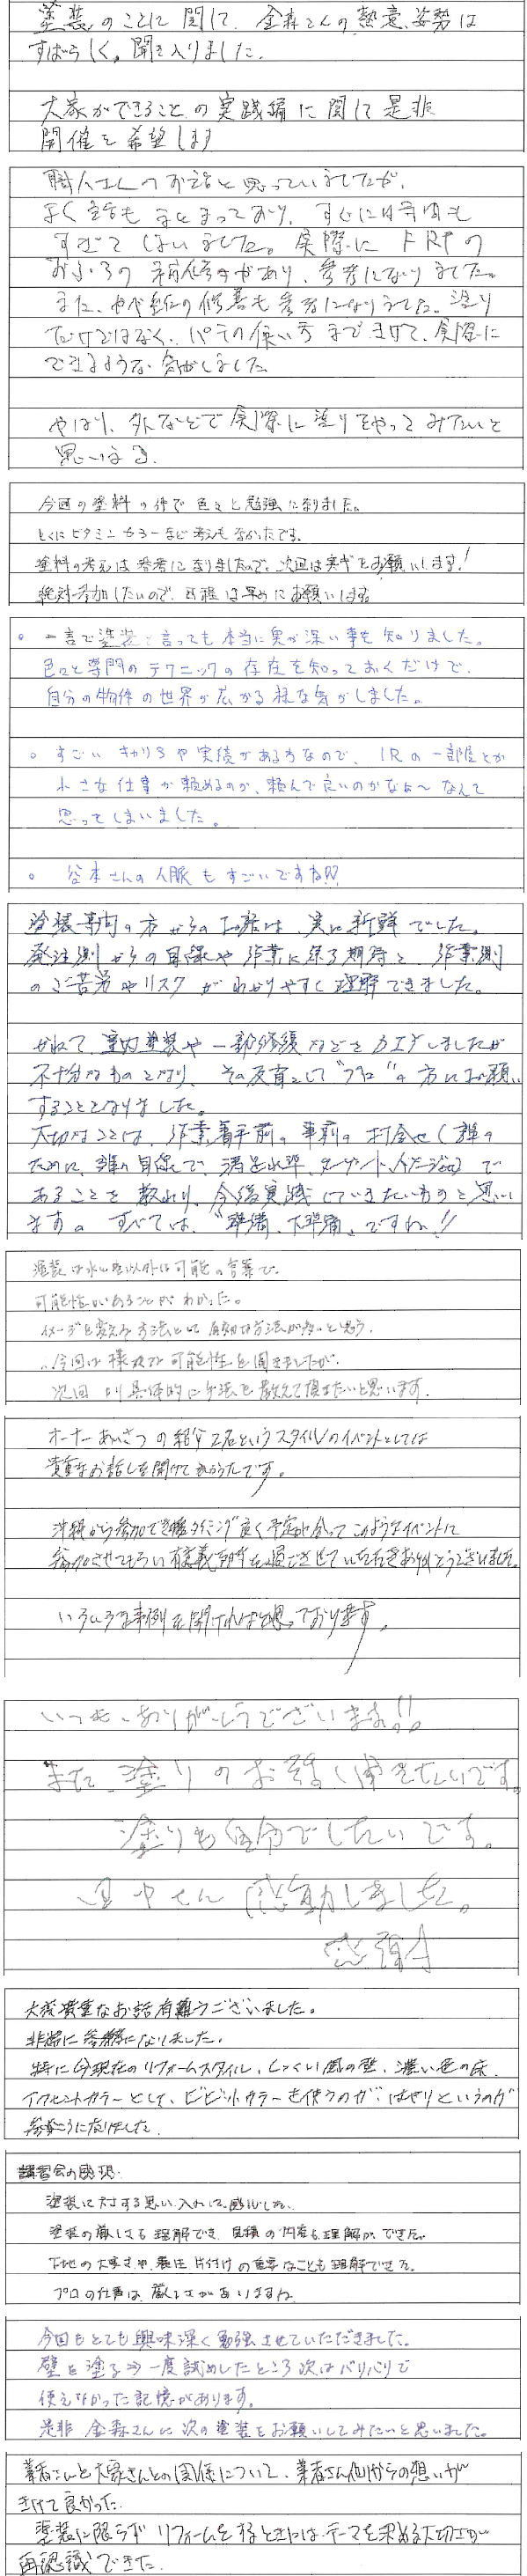 image_kanso_21.jpg